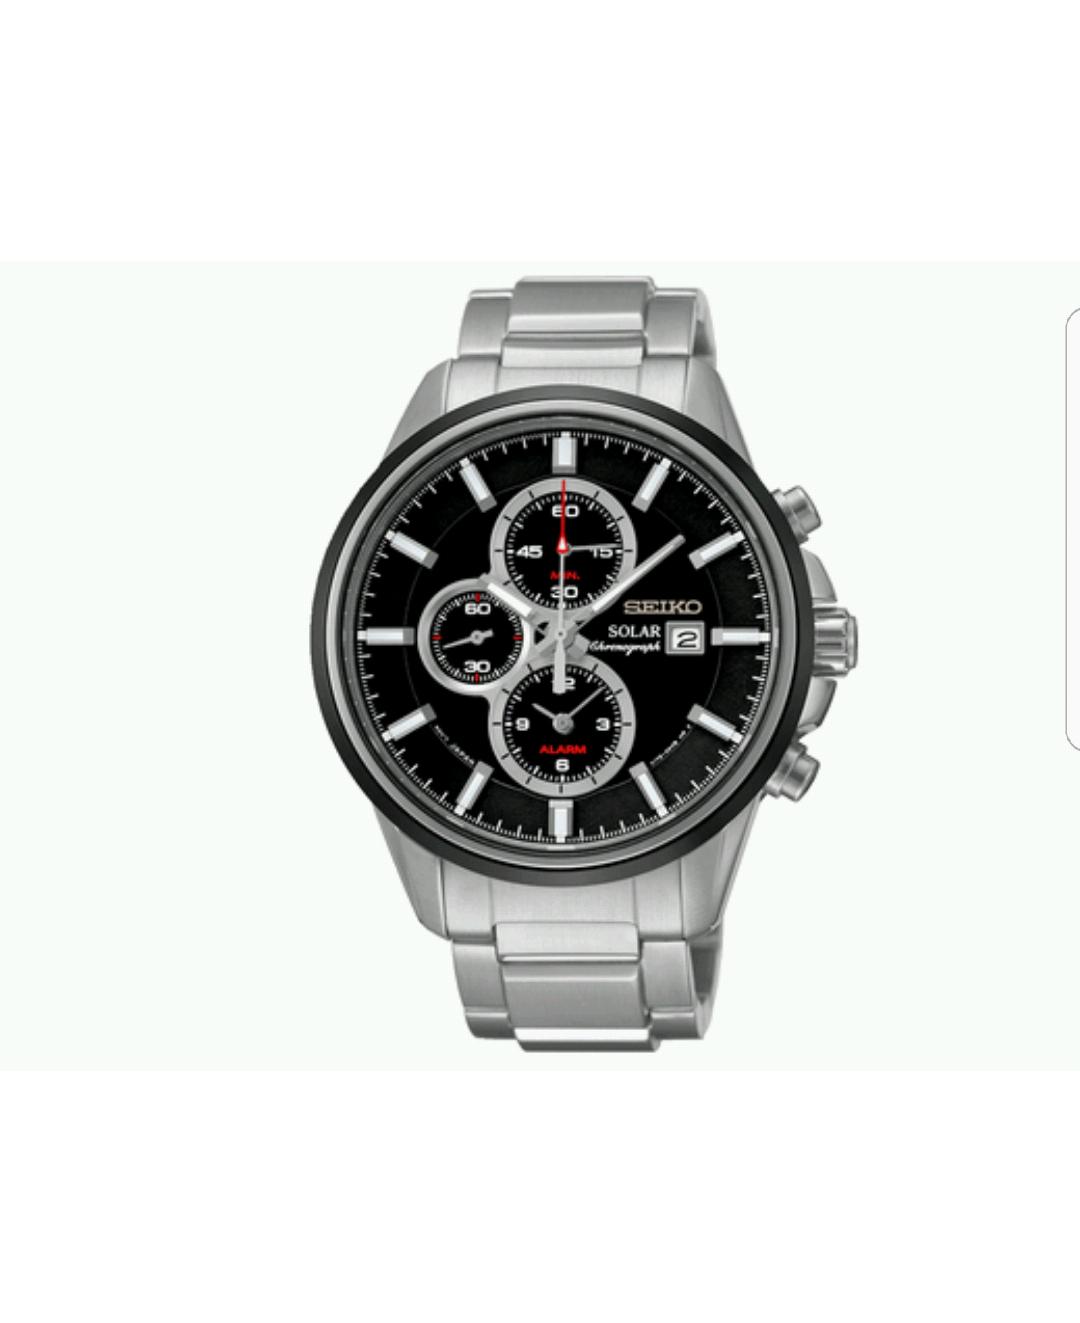 Zegarek automatyczny Seiko SSC255P1 - 799.90zł